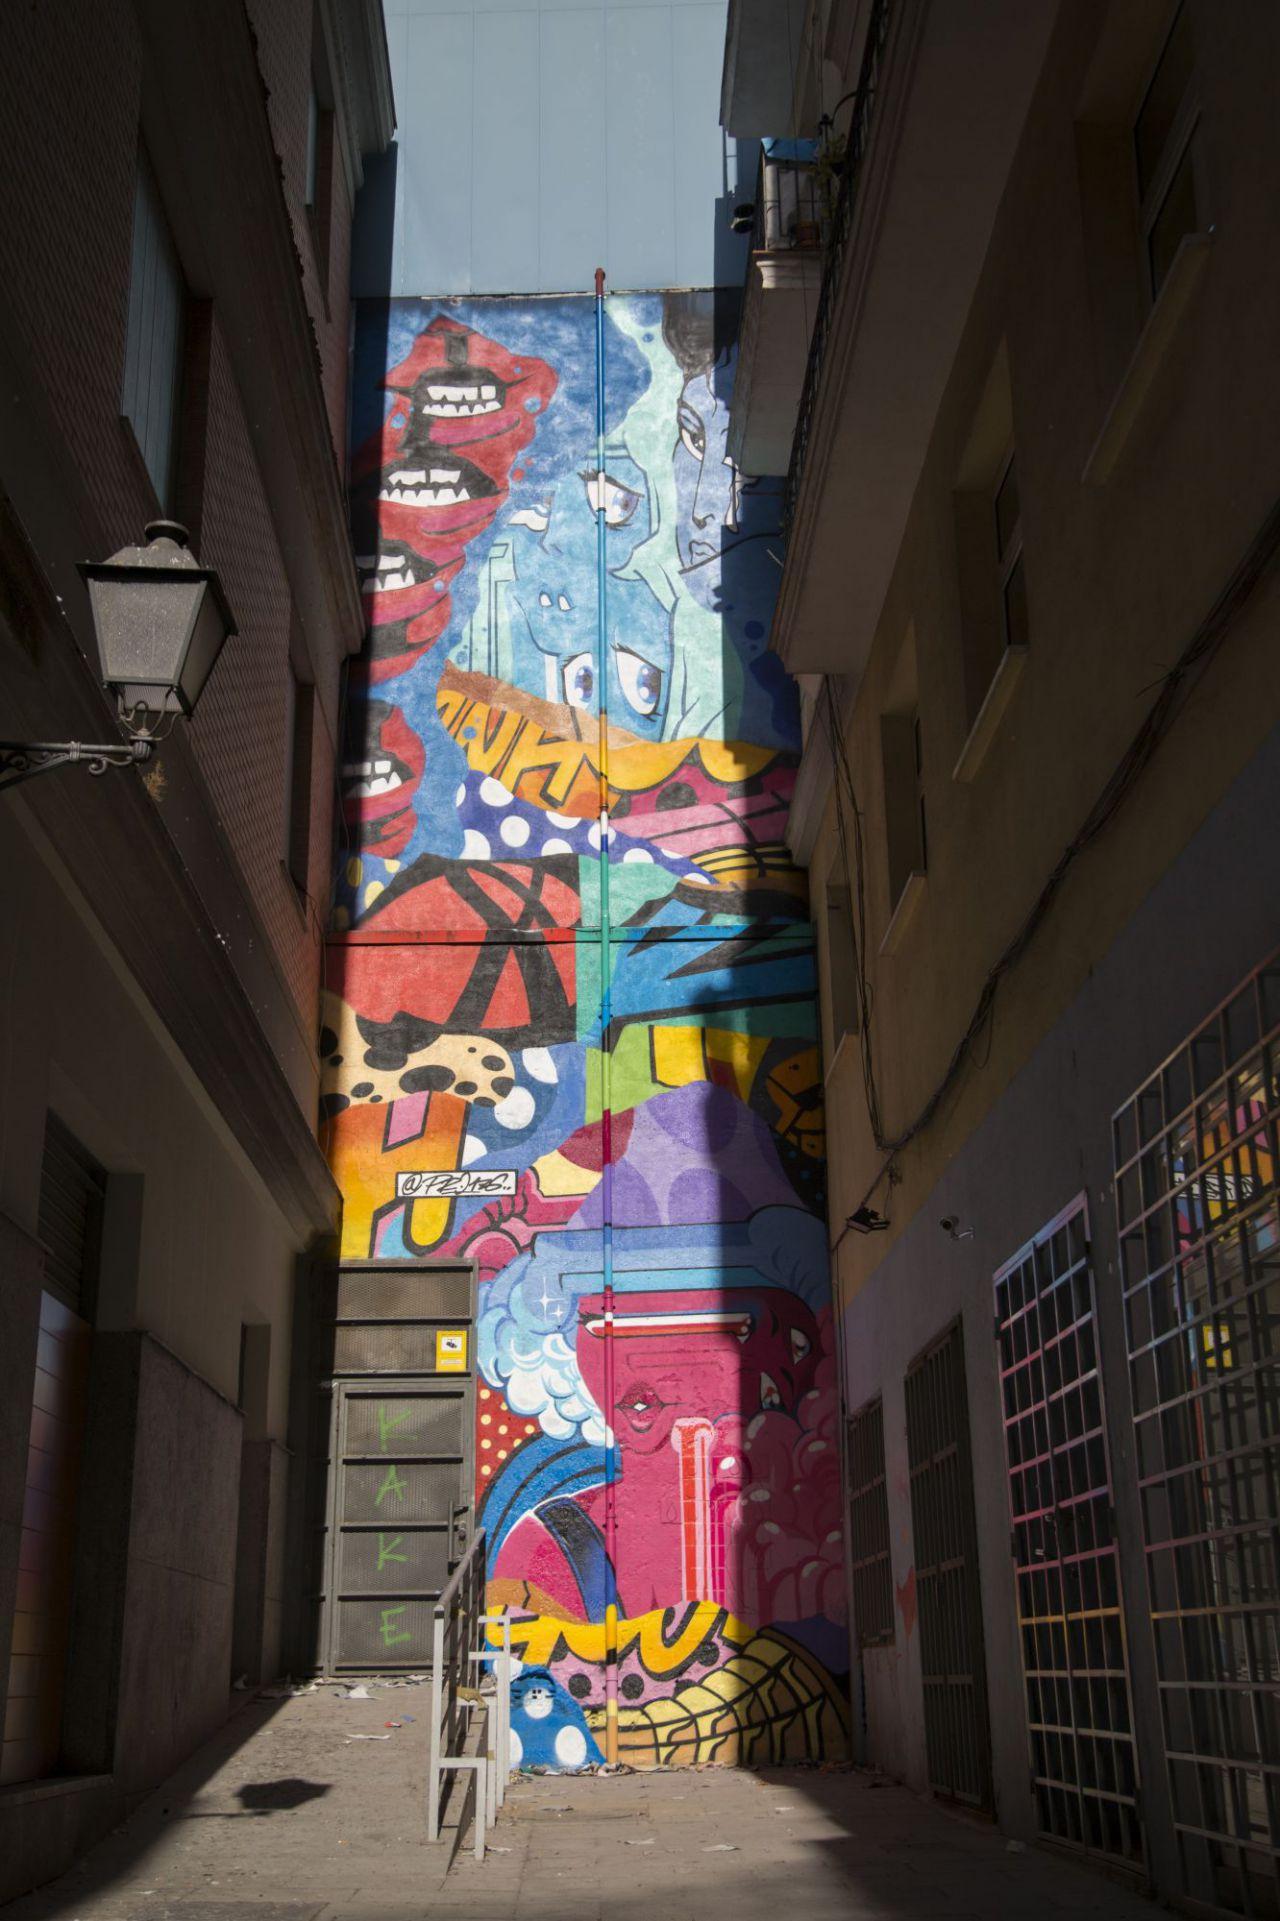 PRO176 –o lo que es lo mismo, Rudy Dougbe– comenzó a pintar las calles de su natal París en los años 90. Inspirado en los cómics gráficos de Jack Kirby, su trabajo se ha caracterizado por ser un estallido de color e imaginación. Fue uno de los primeros de los 'Ultra Boys International': un grupo de artistas que inventó una nueva forma de graffiti, derivando su estética de los cómics, el constructivismo alfabético e incluso el cubismo. Como parte de la programación de los Tuenti Walls, PRO176 deja su impronta en el barrio de Lavapiés en un alegre y colorista mural que representa la figura de una mujer fragmentada.